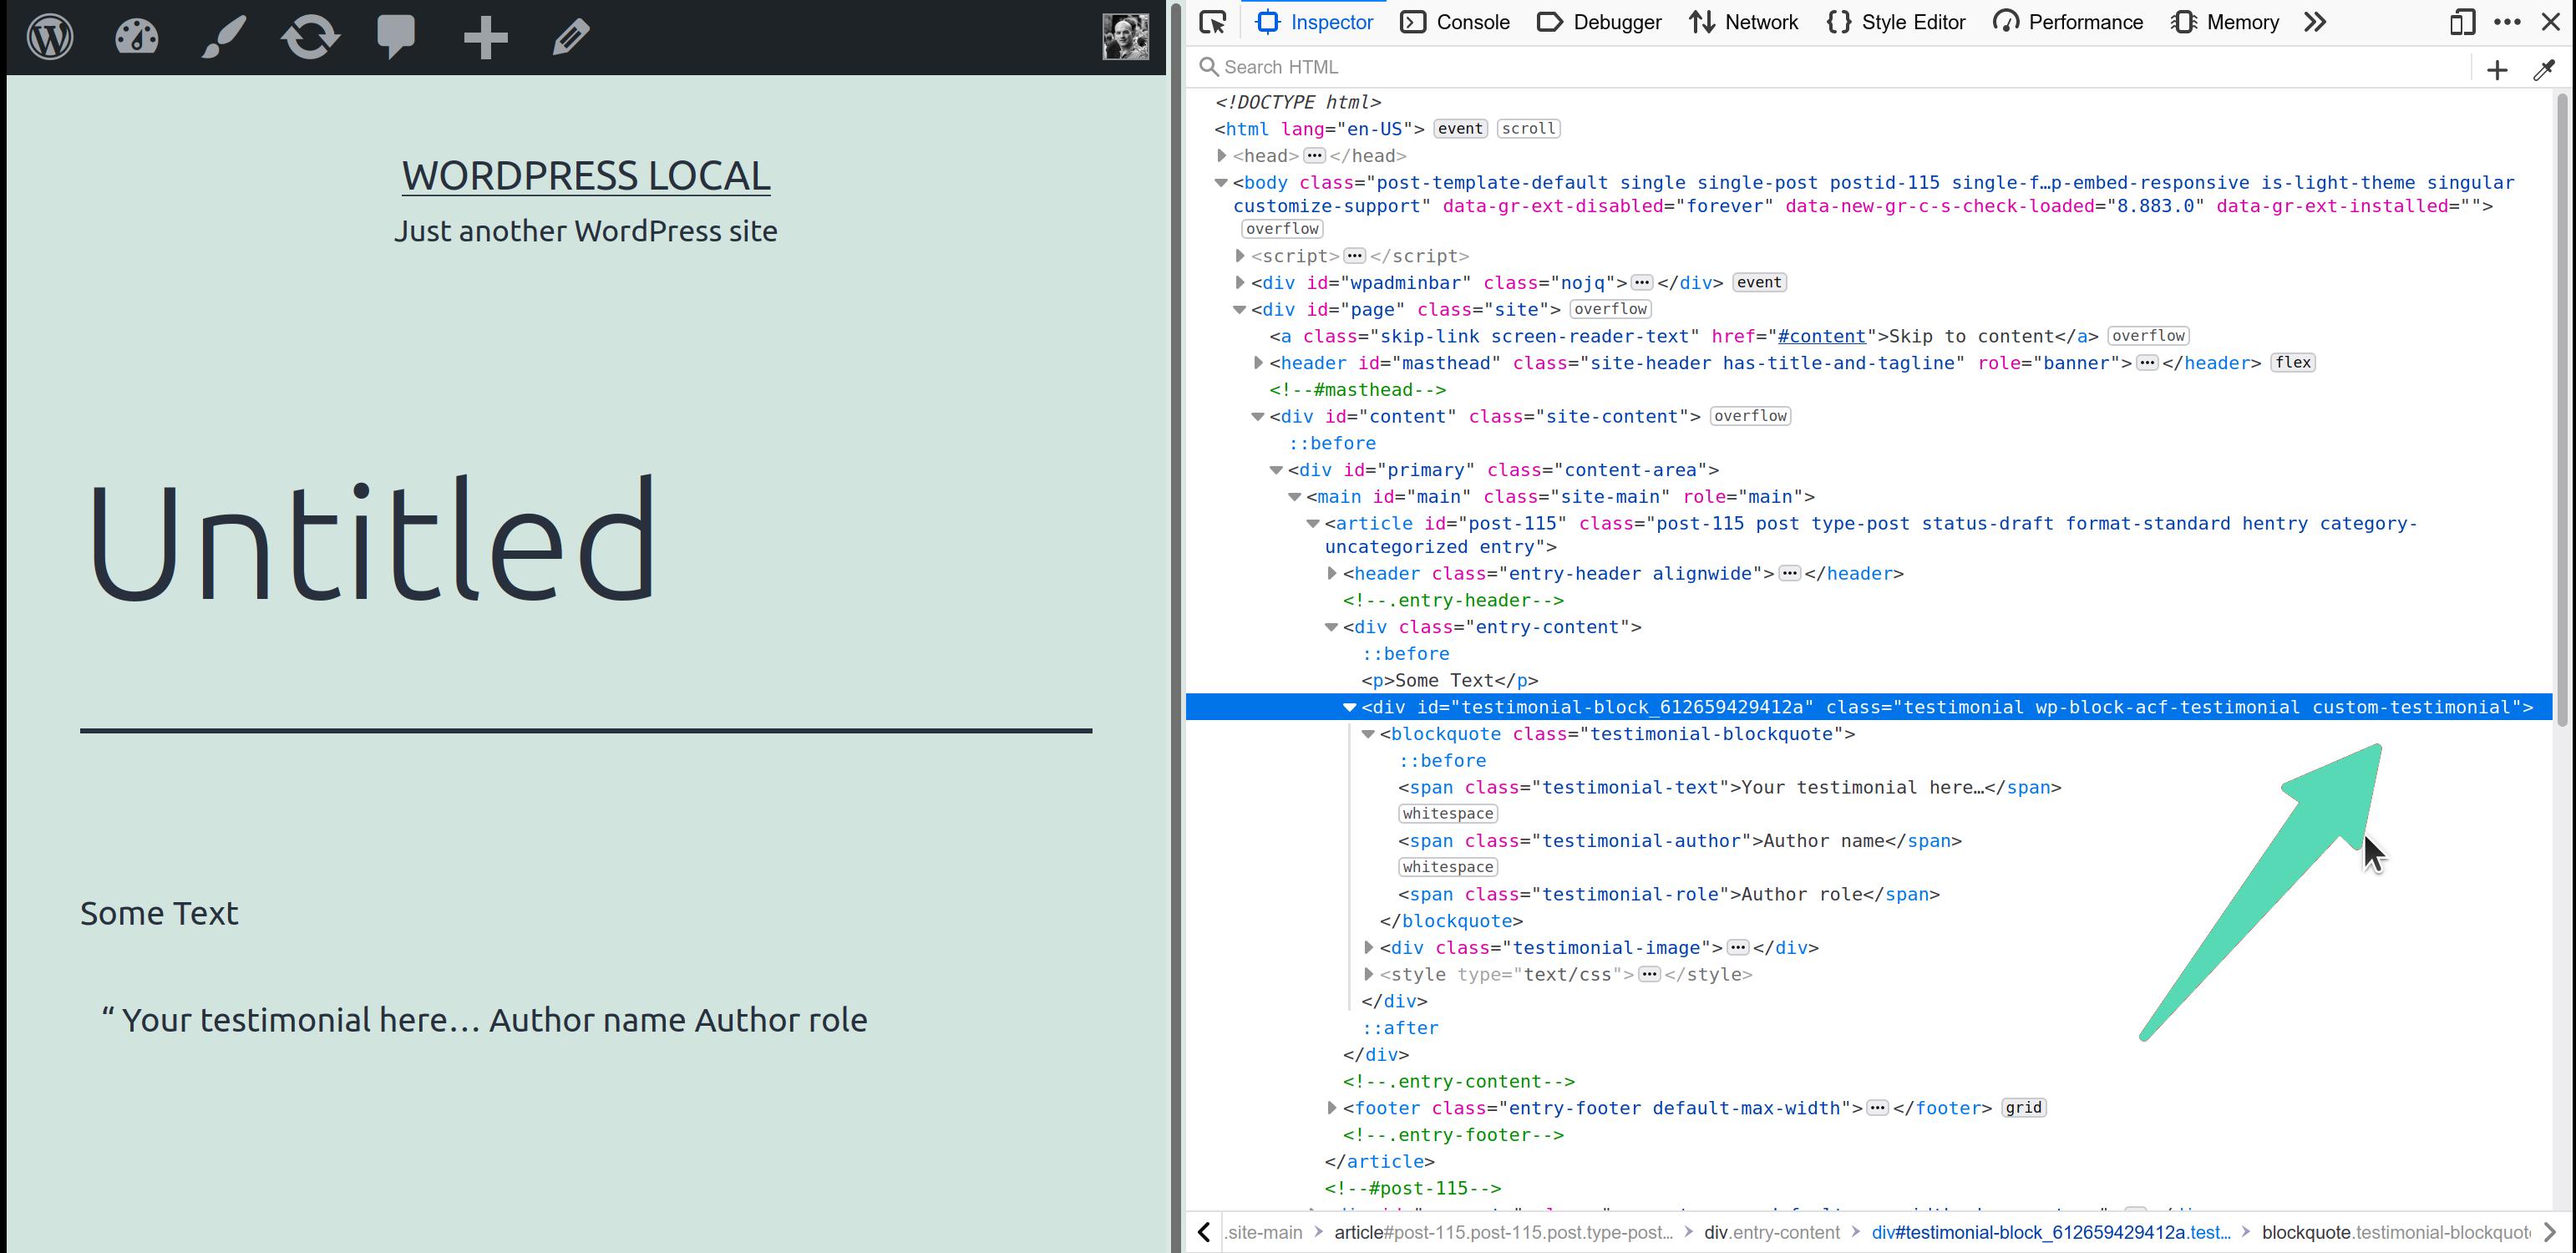 acf-block-editor-filters-class-name